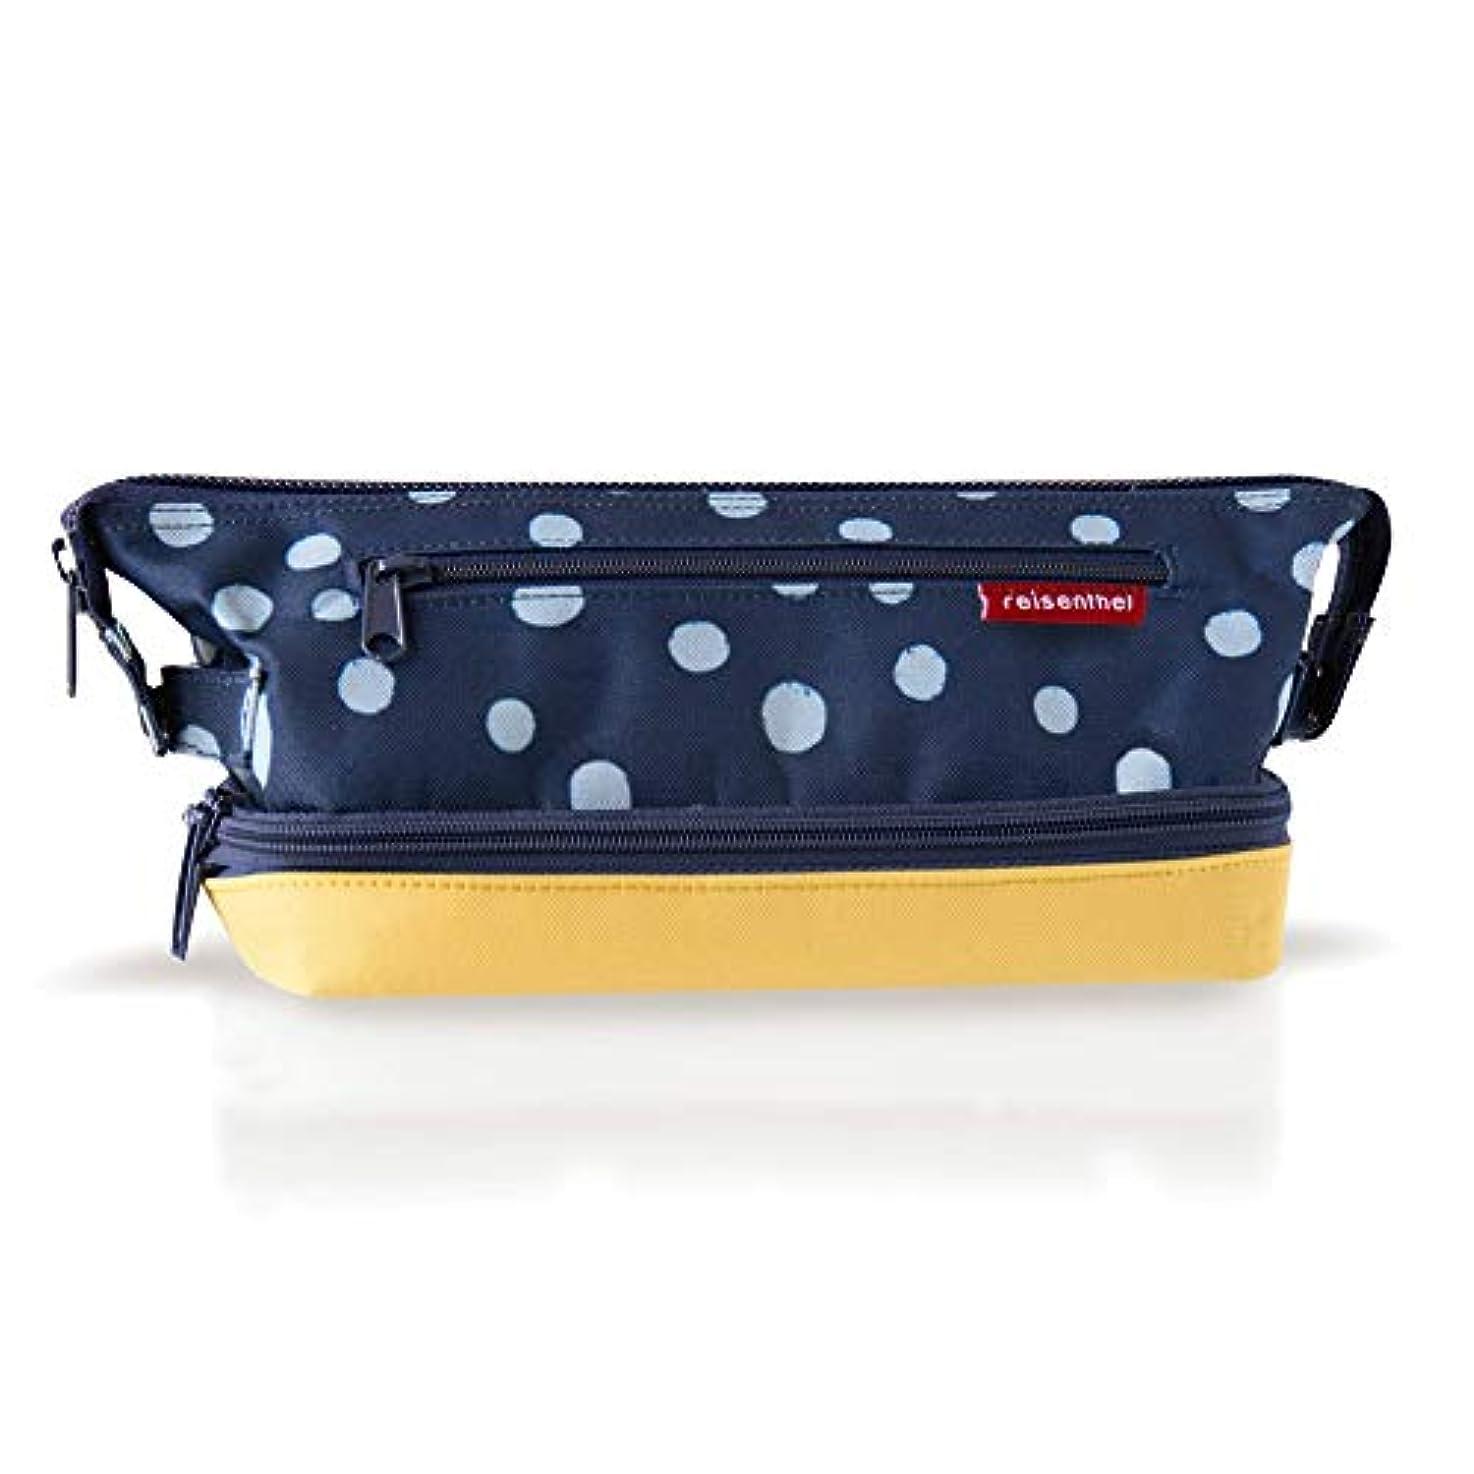 恩赦計算行うreisenthel コスメティックバッグS 【正規輸入品】化粧ポーチ 化粧バッグ メイクボックス メイクバッグ (スポットネイビー&イエロー)